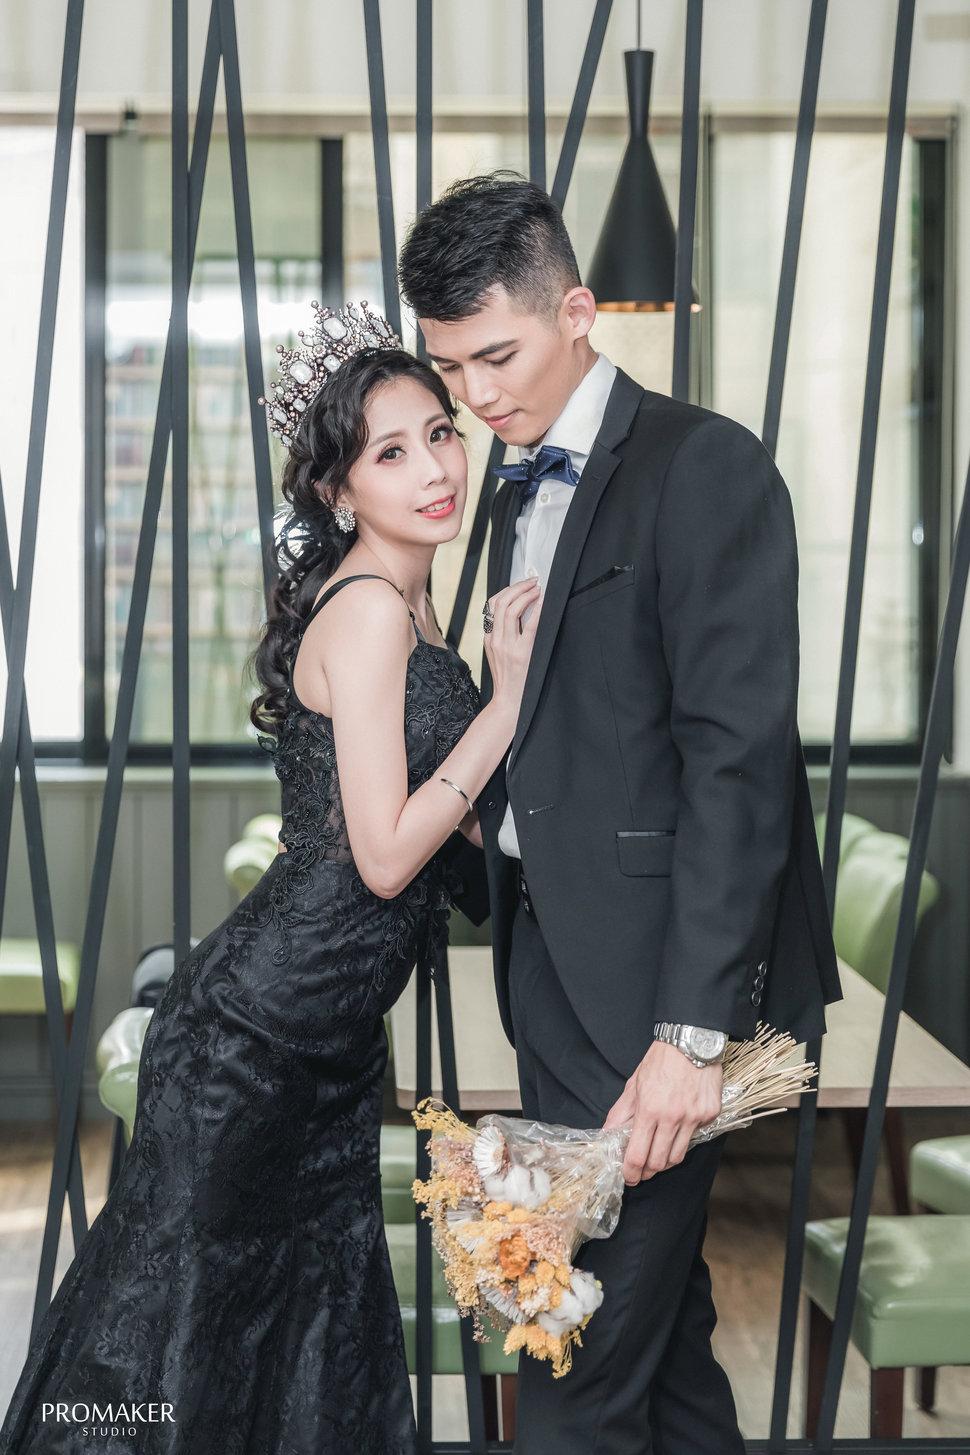 P01_0321 - Promaker婚禮紀錄攝影團隊婚攝豪哥《結婚吧》